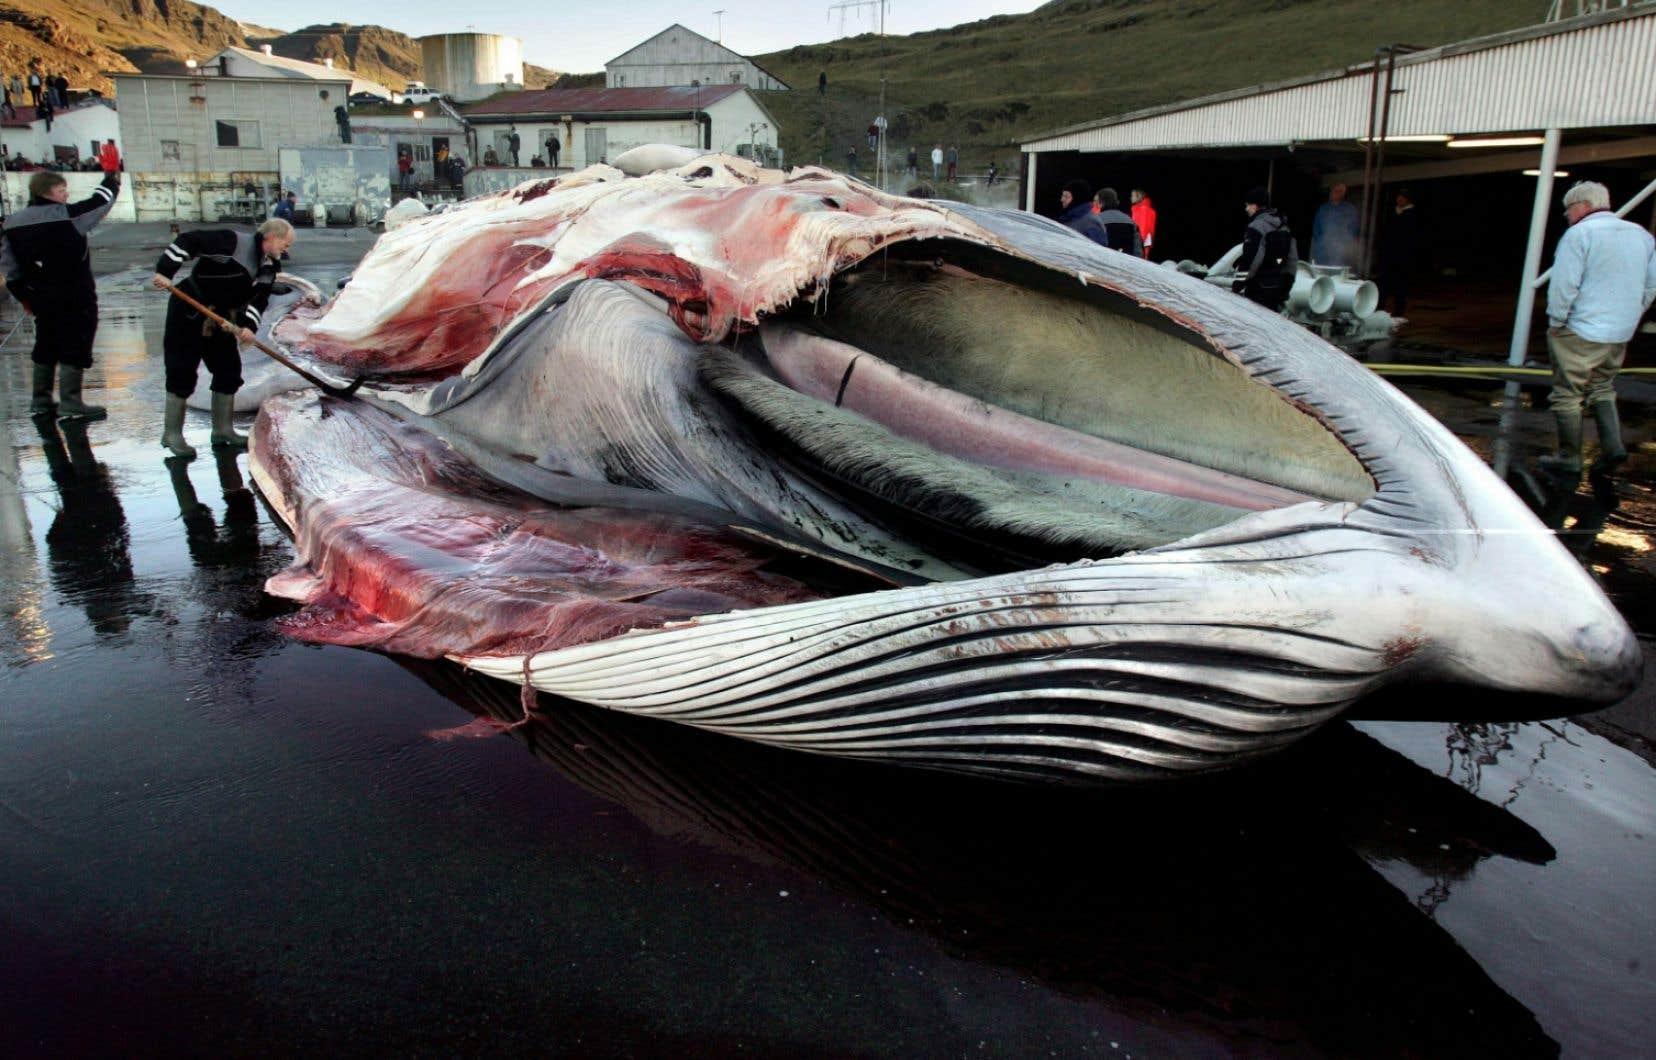 Des travailleurs s'affairent sur une baleine qui vient d'être chassée à Hvalfjordur, en Islande. (photo d'archive)